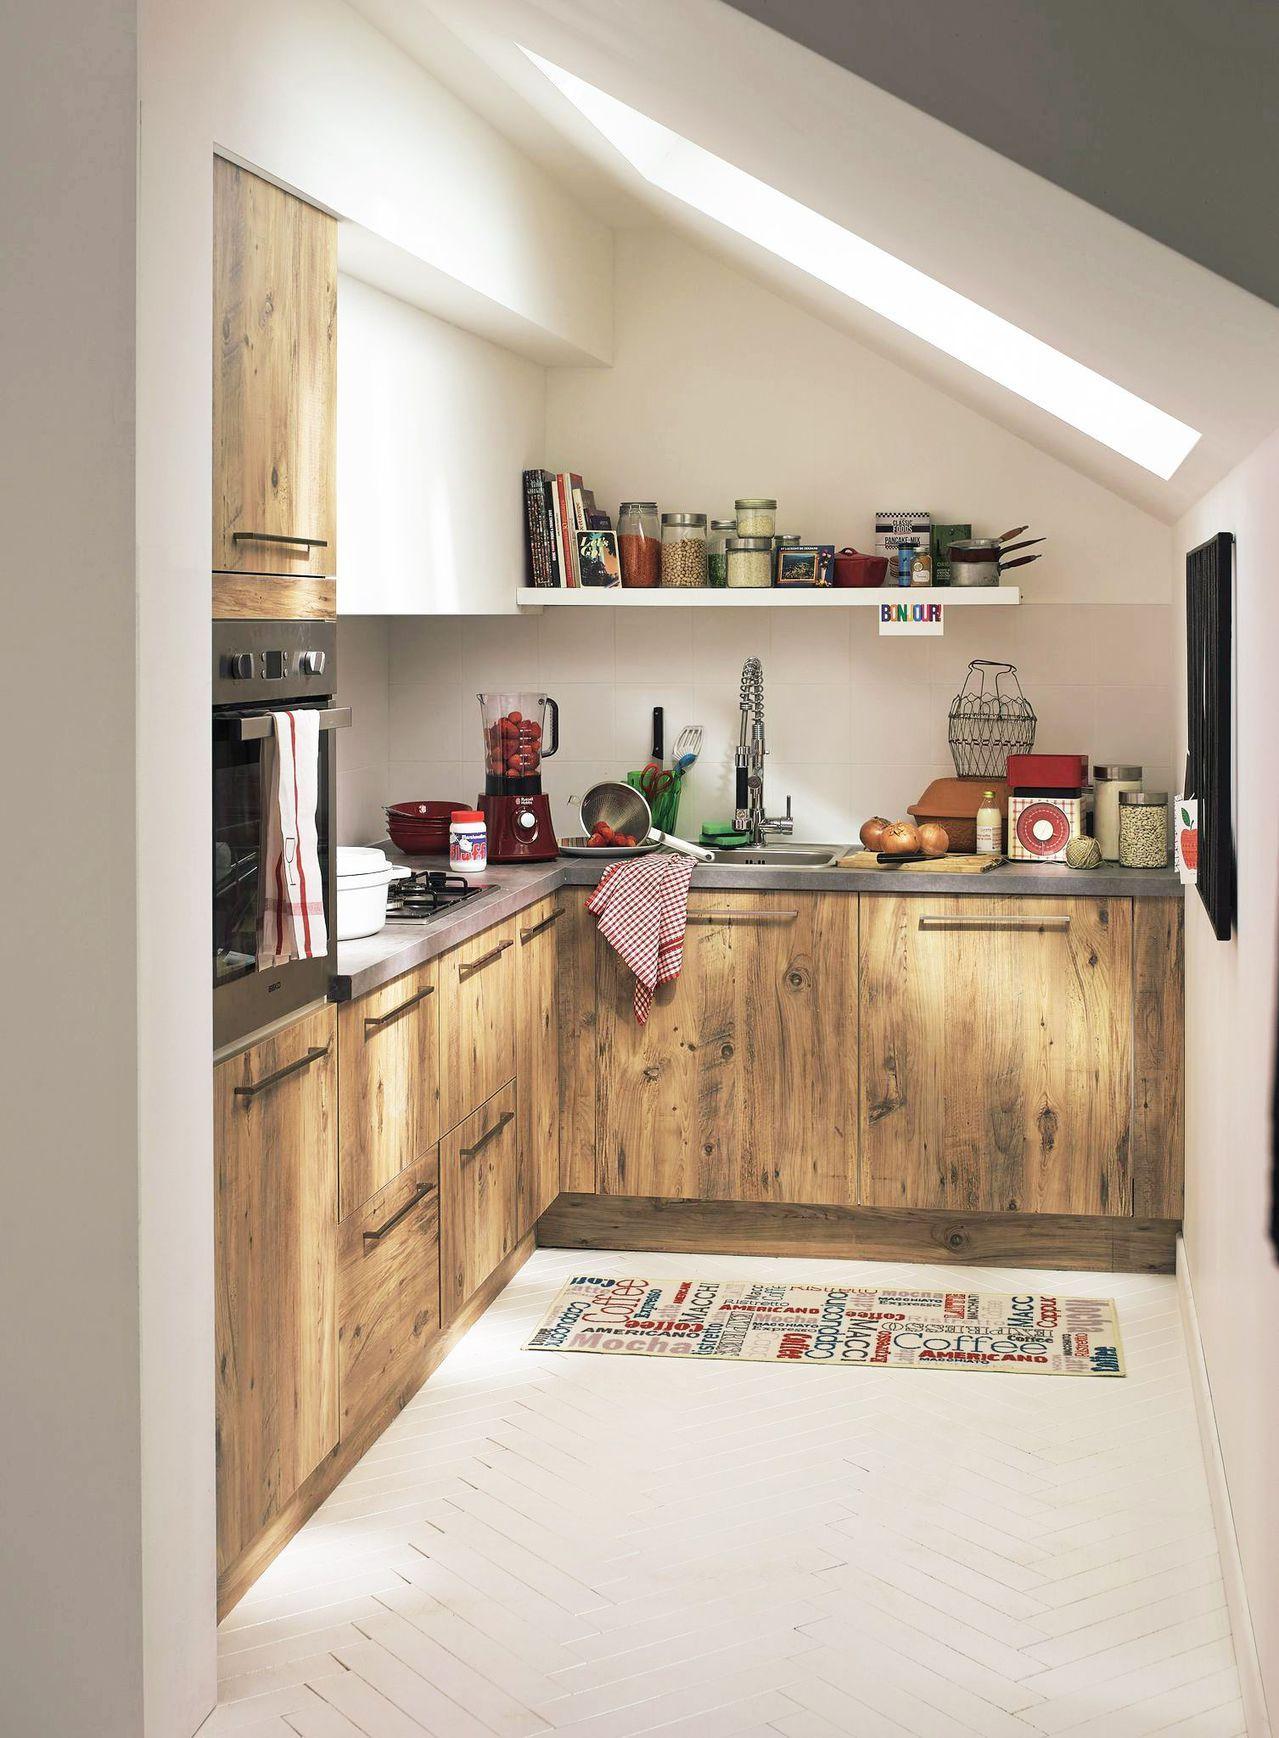 Modi creativi e di design per rinnovare una vecchia cucina e ...